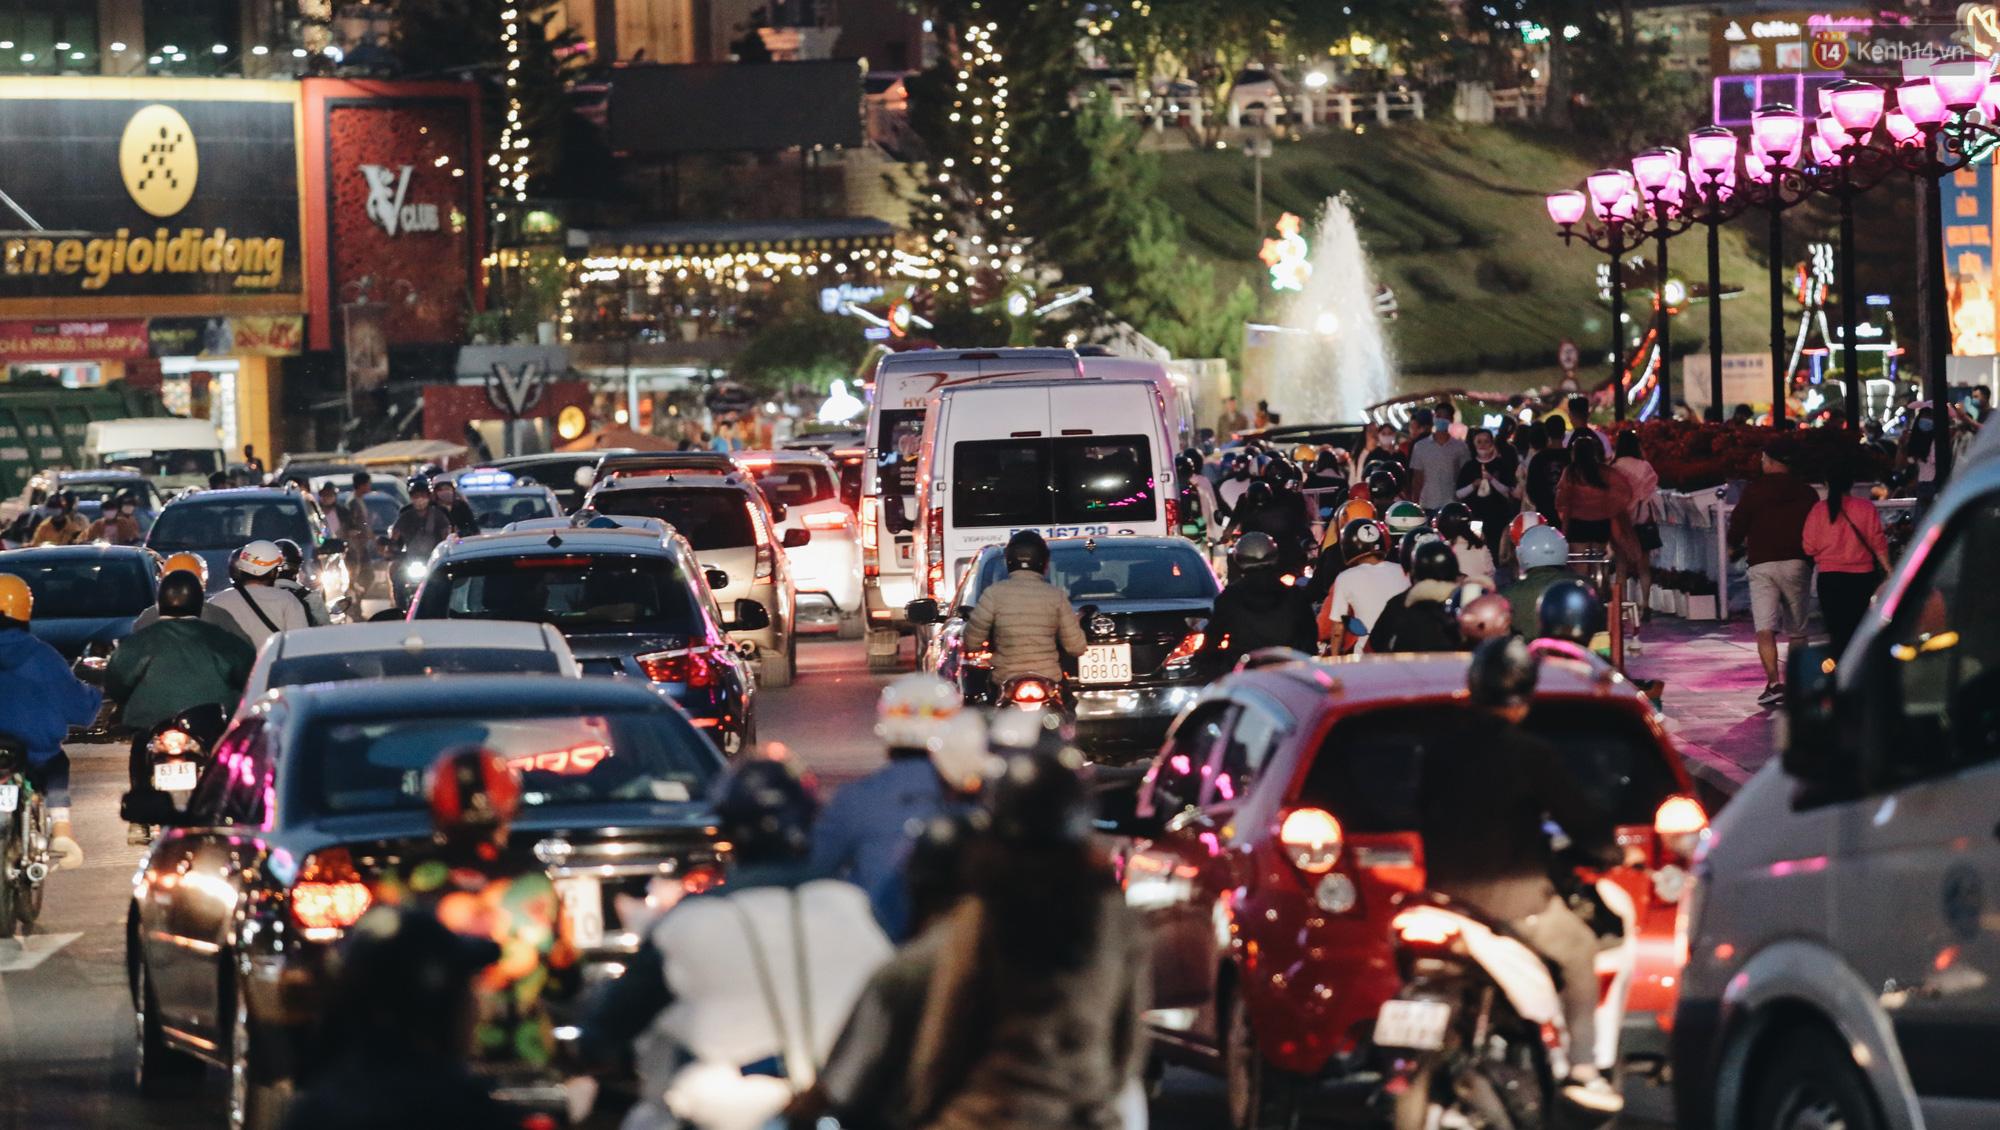 Trung tâm TP. Đà Lạt tê liệt từ chiều đến tối do lượng du khách tăng đột biến dịp lễ 30/4 - Ảnh 16.